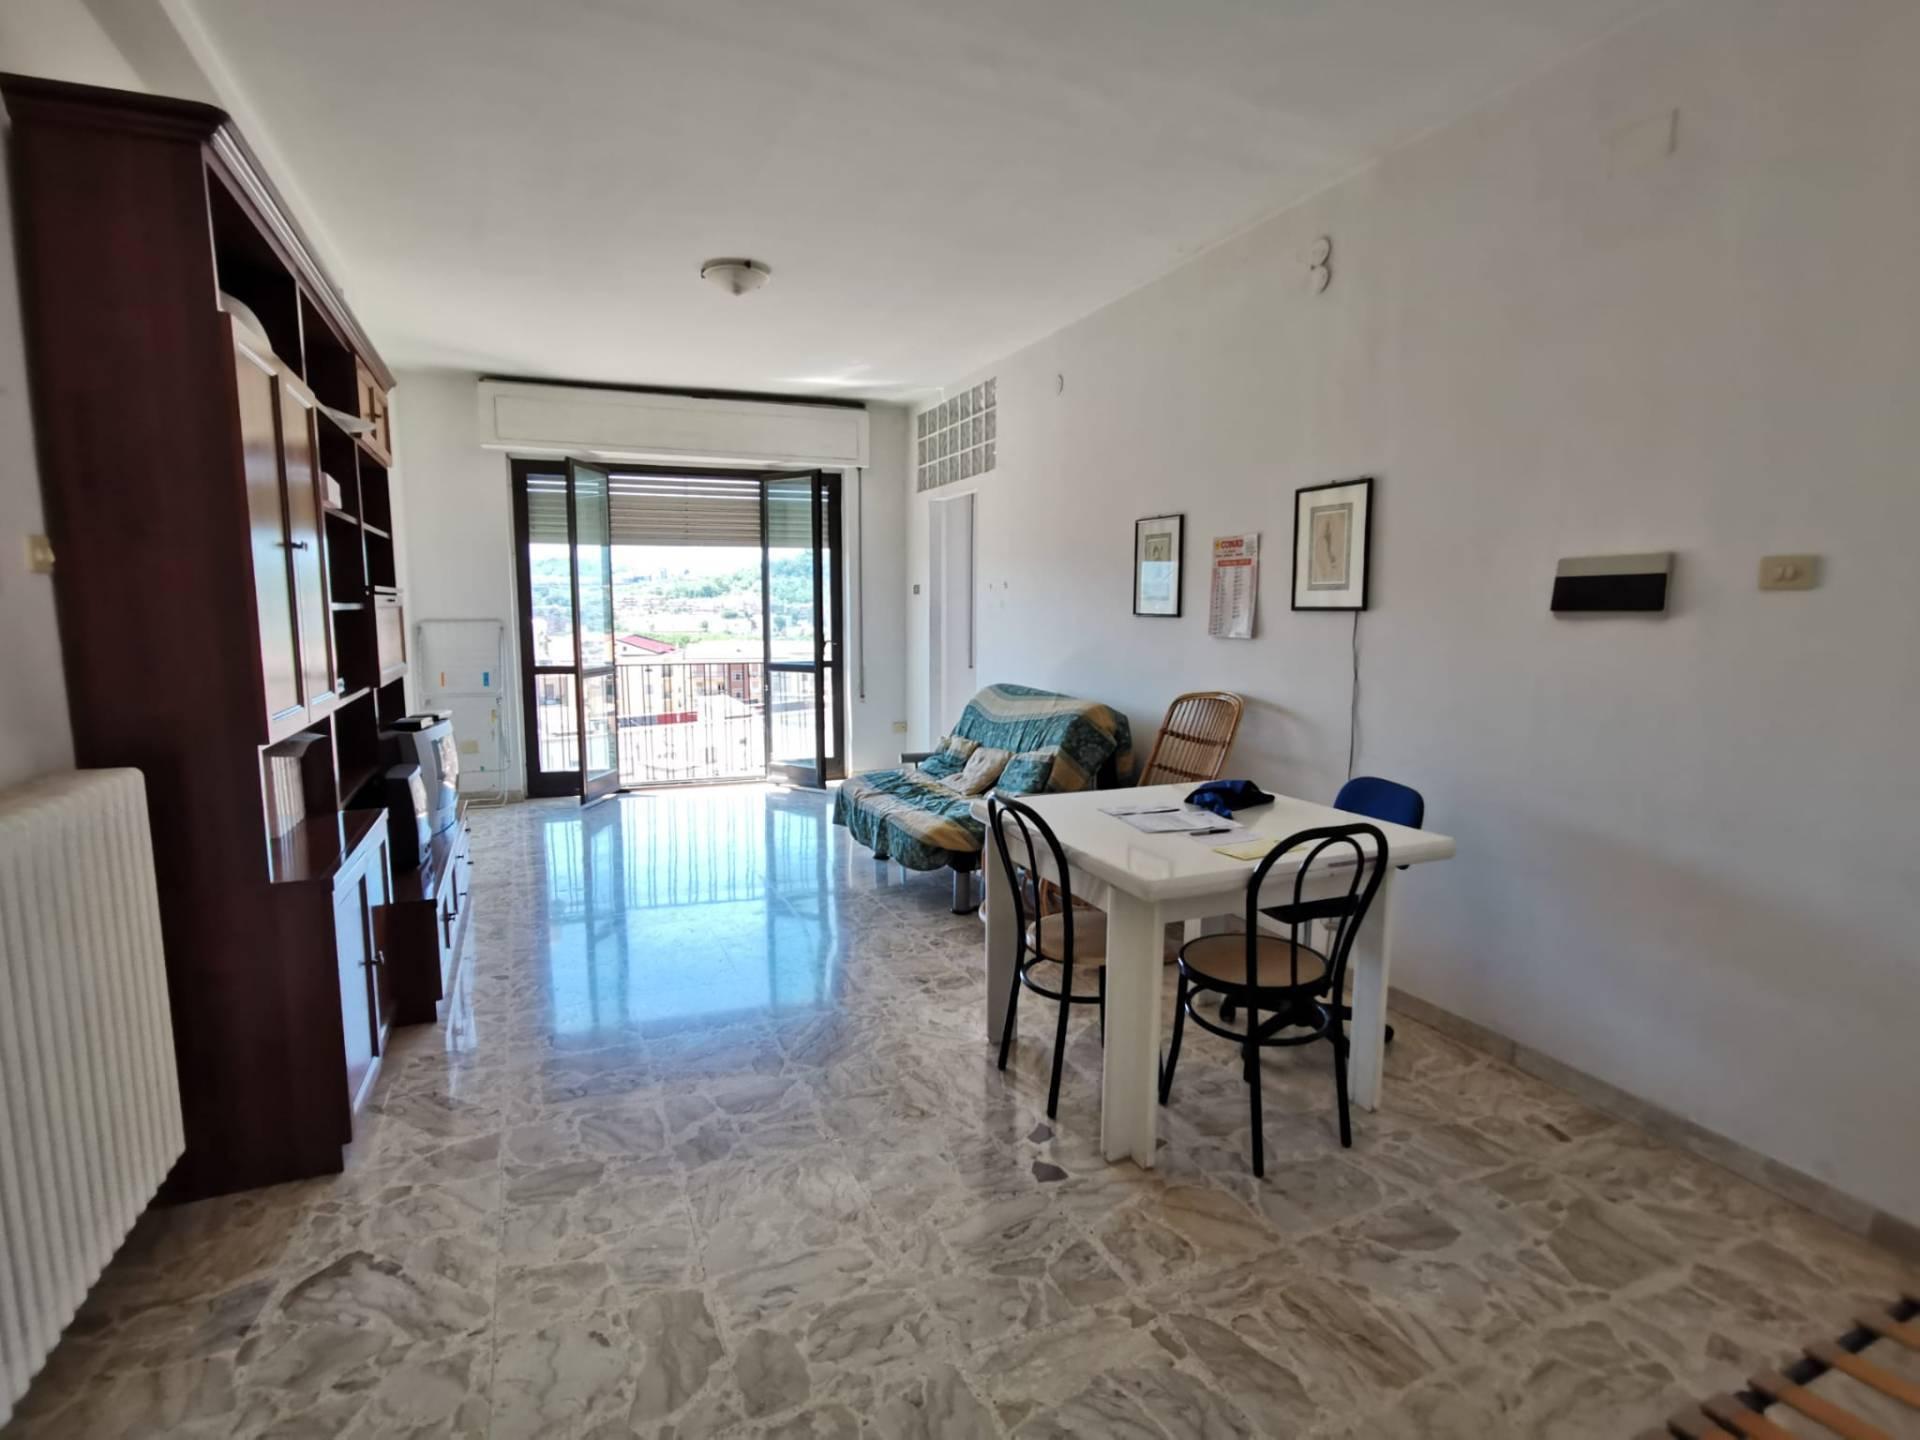 Appartamento in vendita a Benevento, 6 locali, zona Zona: Centro, prezzo € 159.000 | CambioCasa.it